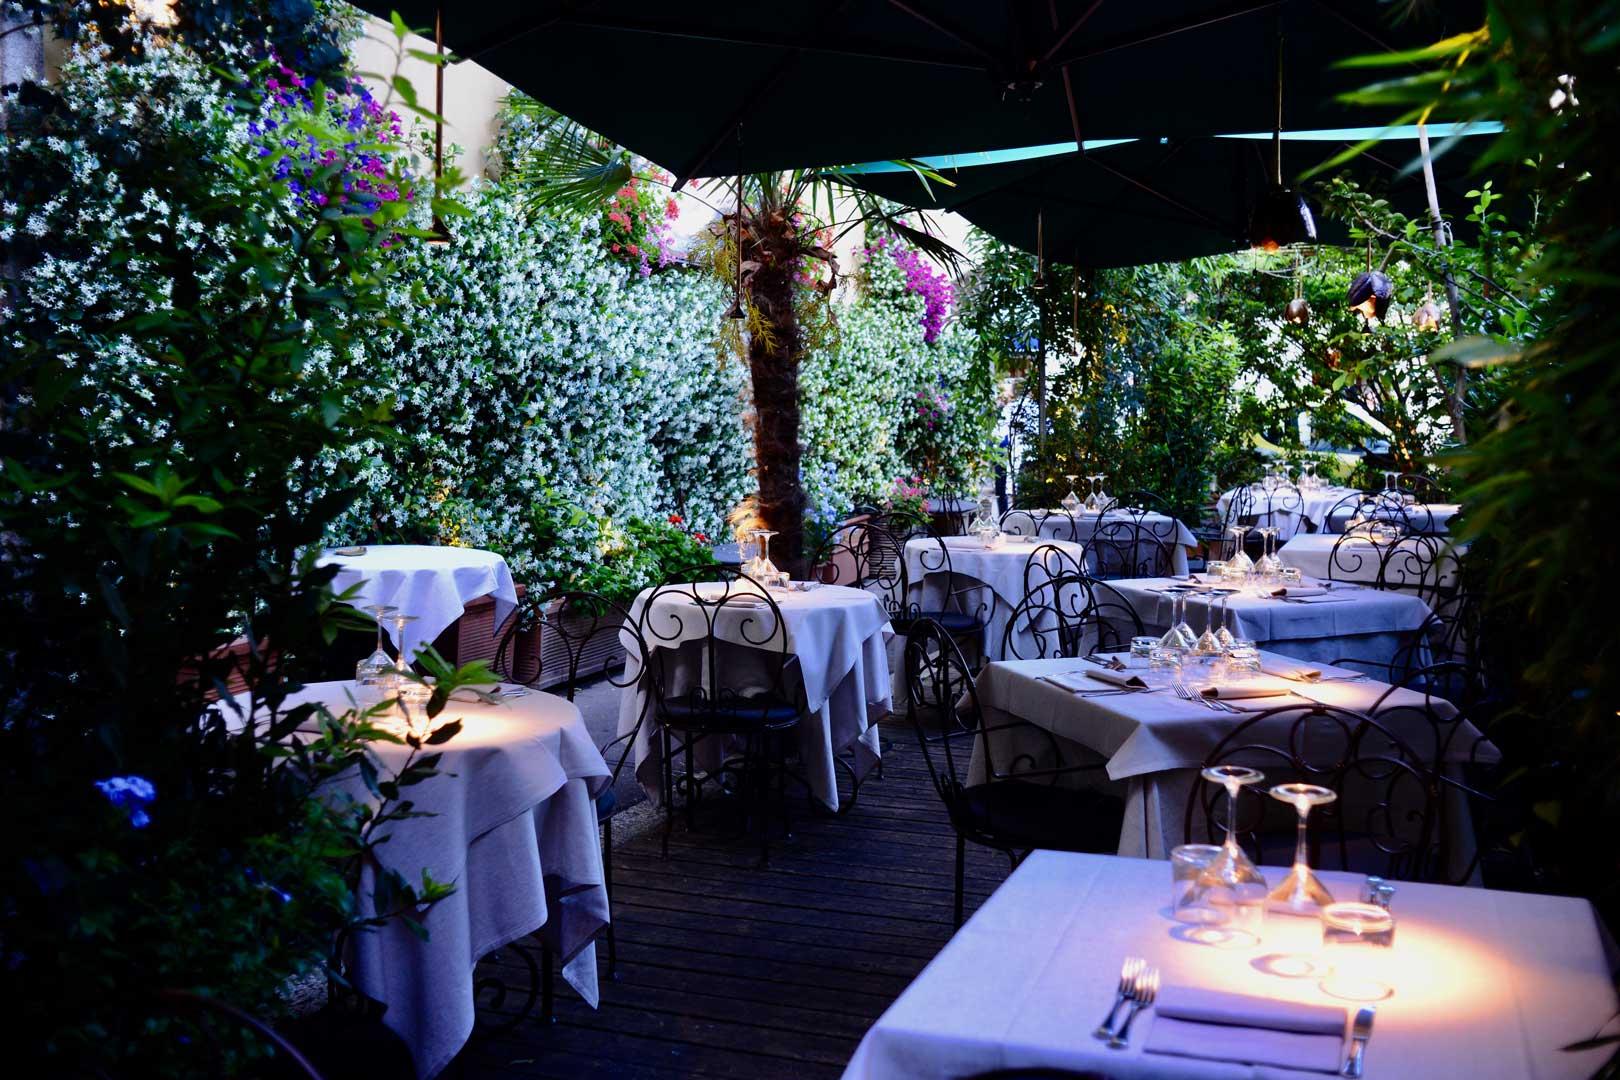 I migliori ristoranti all'aperto a Milano